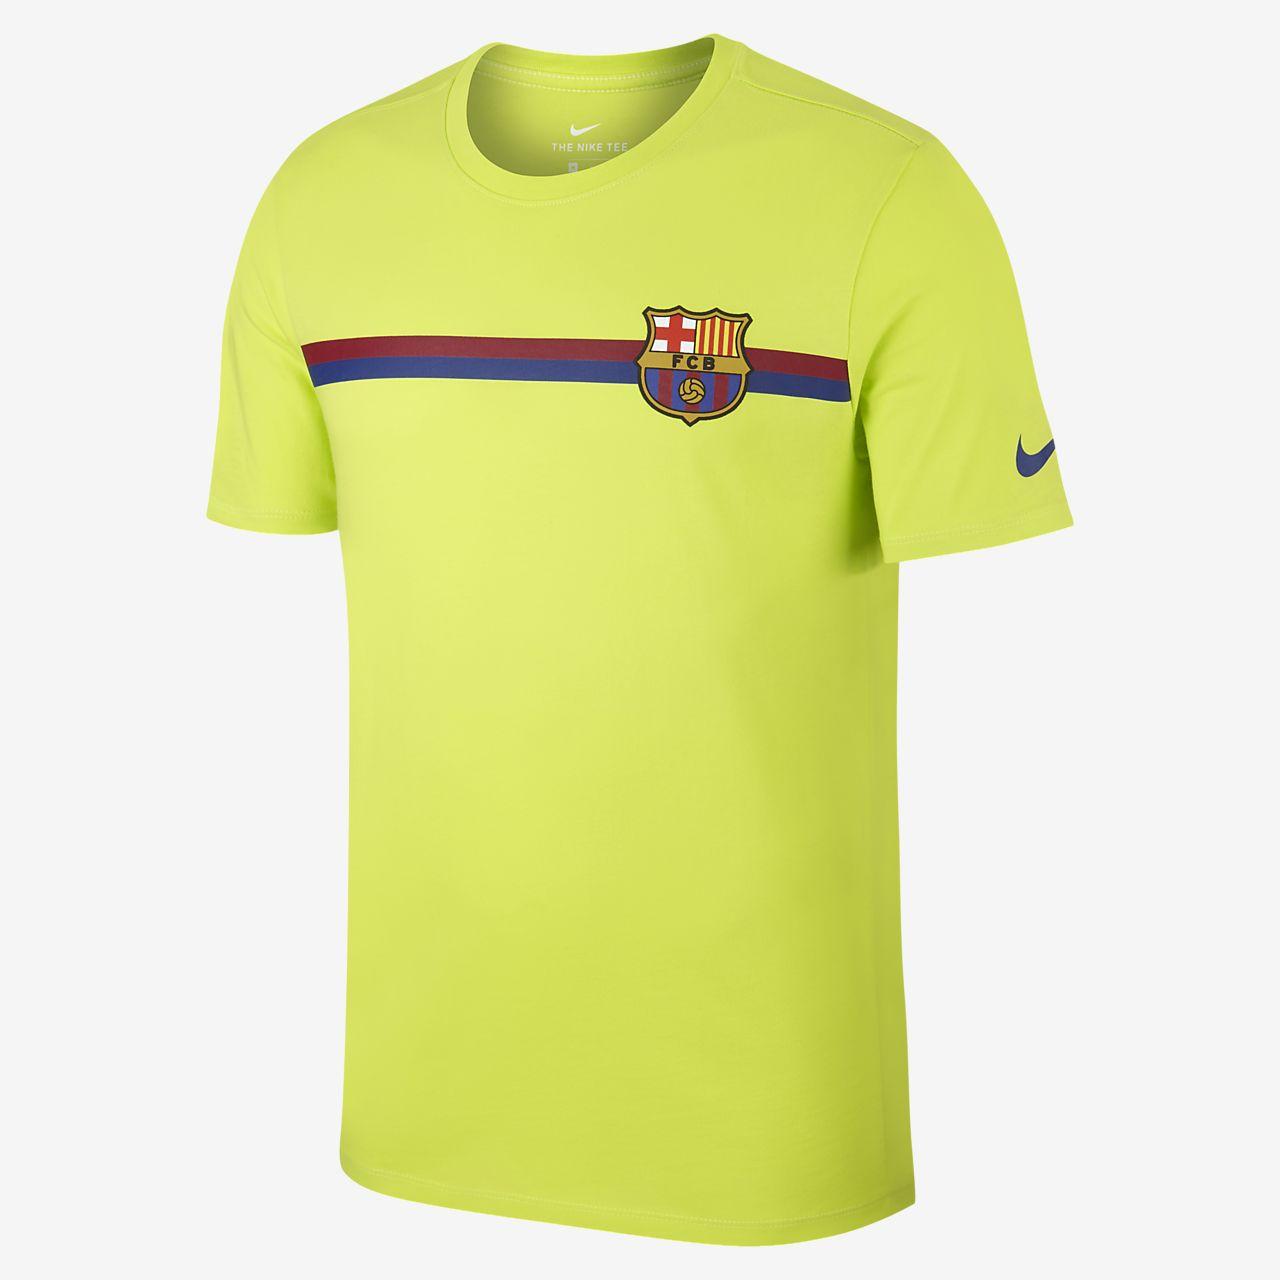 Playera para hombre FC Barcelona Crest